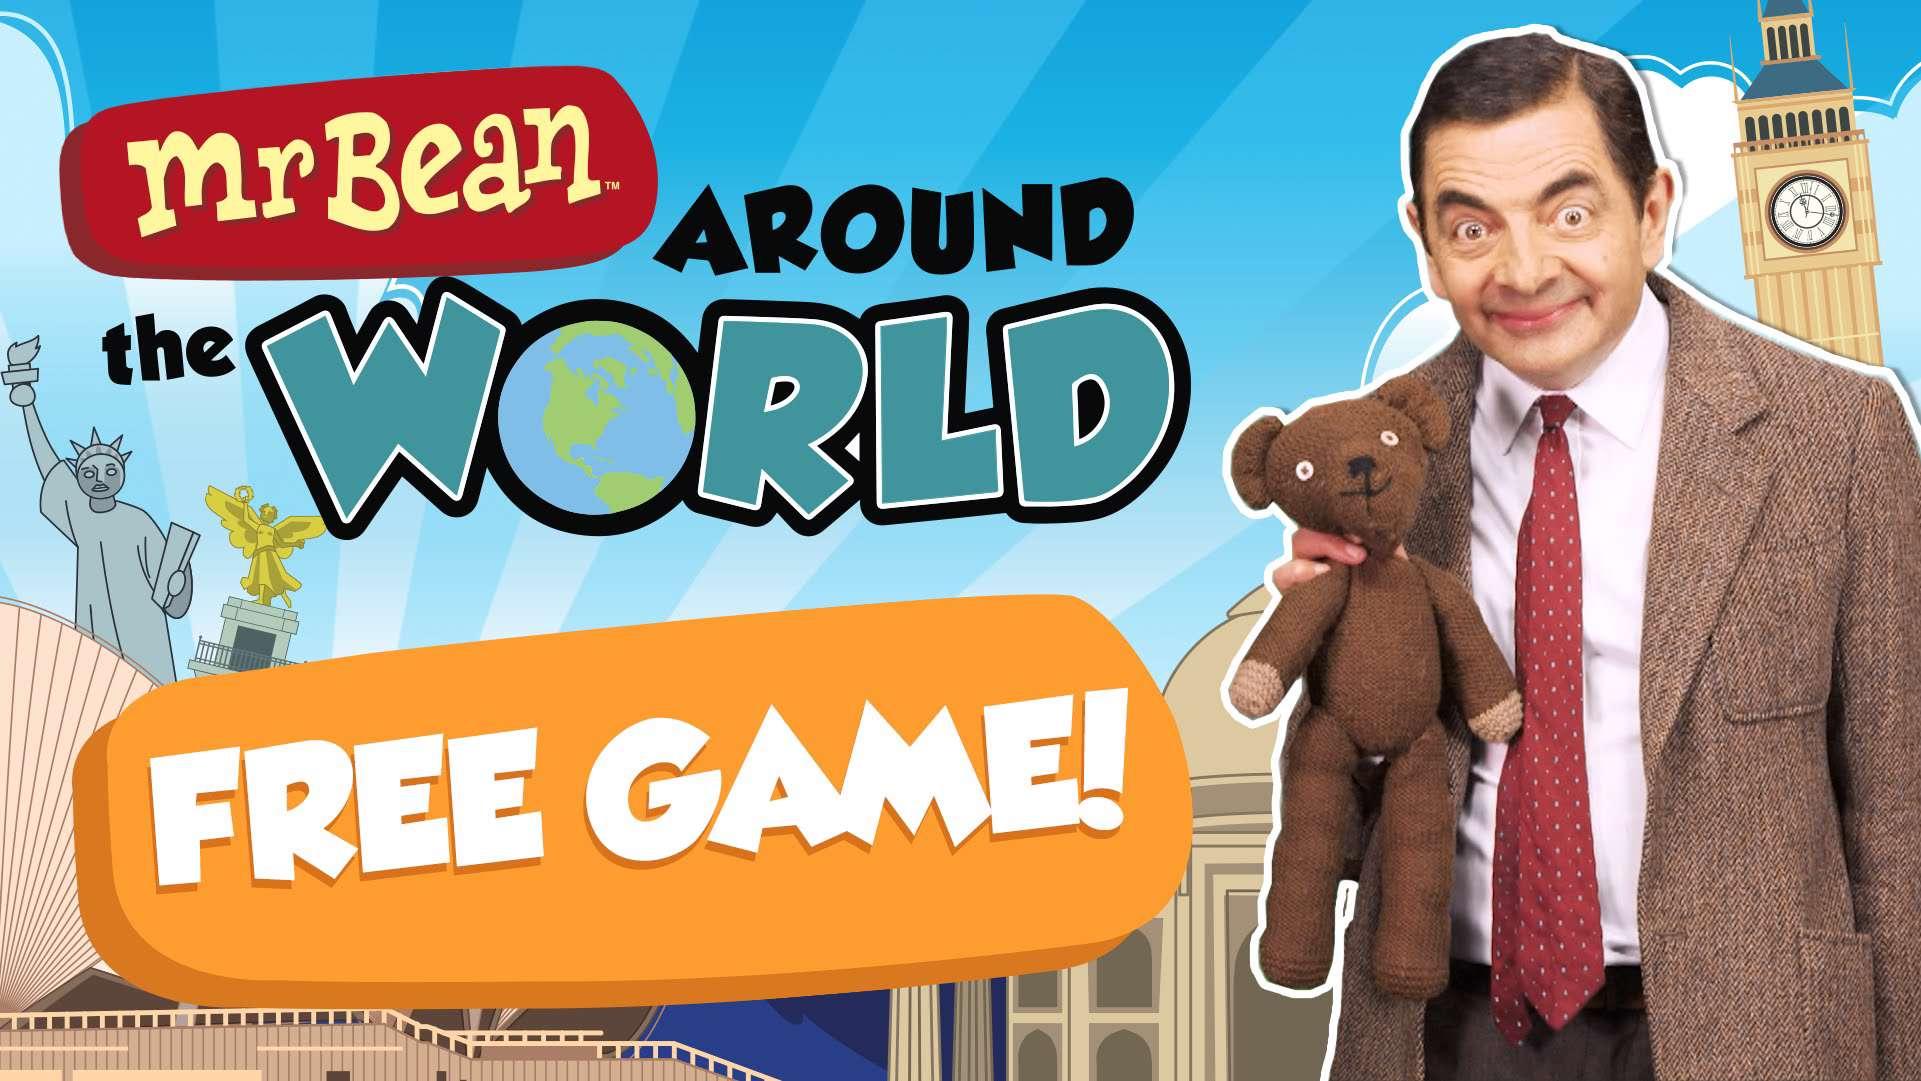 دانلود بازی مستربین Mr Bean Around the World 2.6 برای اندروید